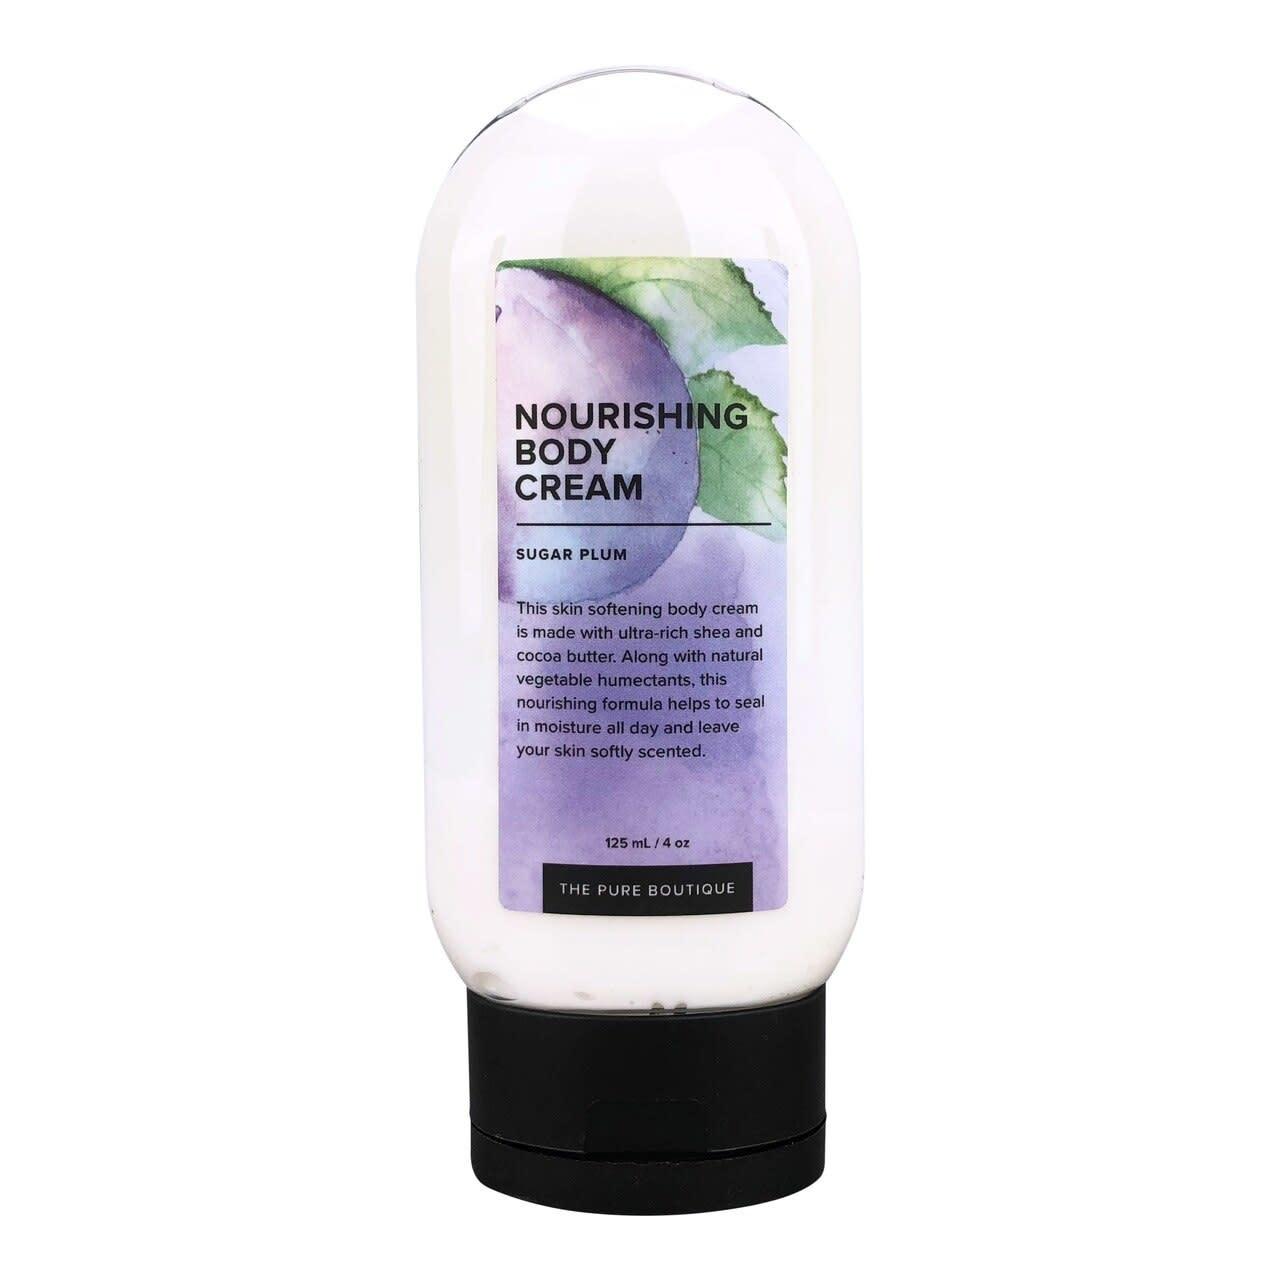 Nourishing Body Cream - Sugar Plum-1